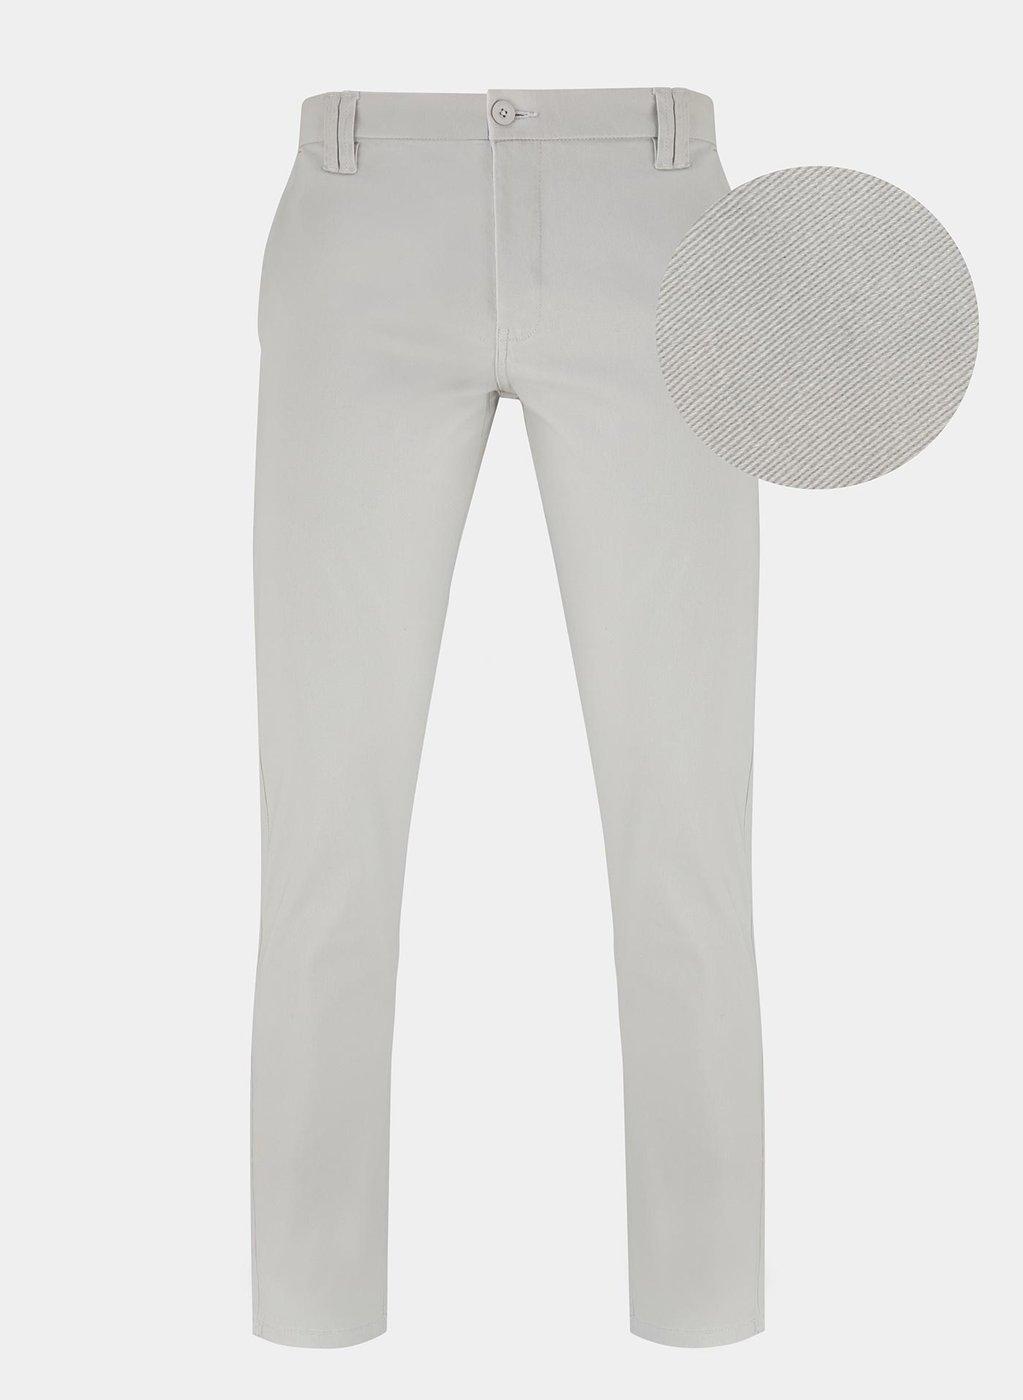 Spodnie męskie SILVIO PLM-WX-204-E